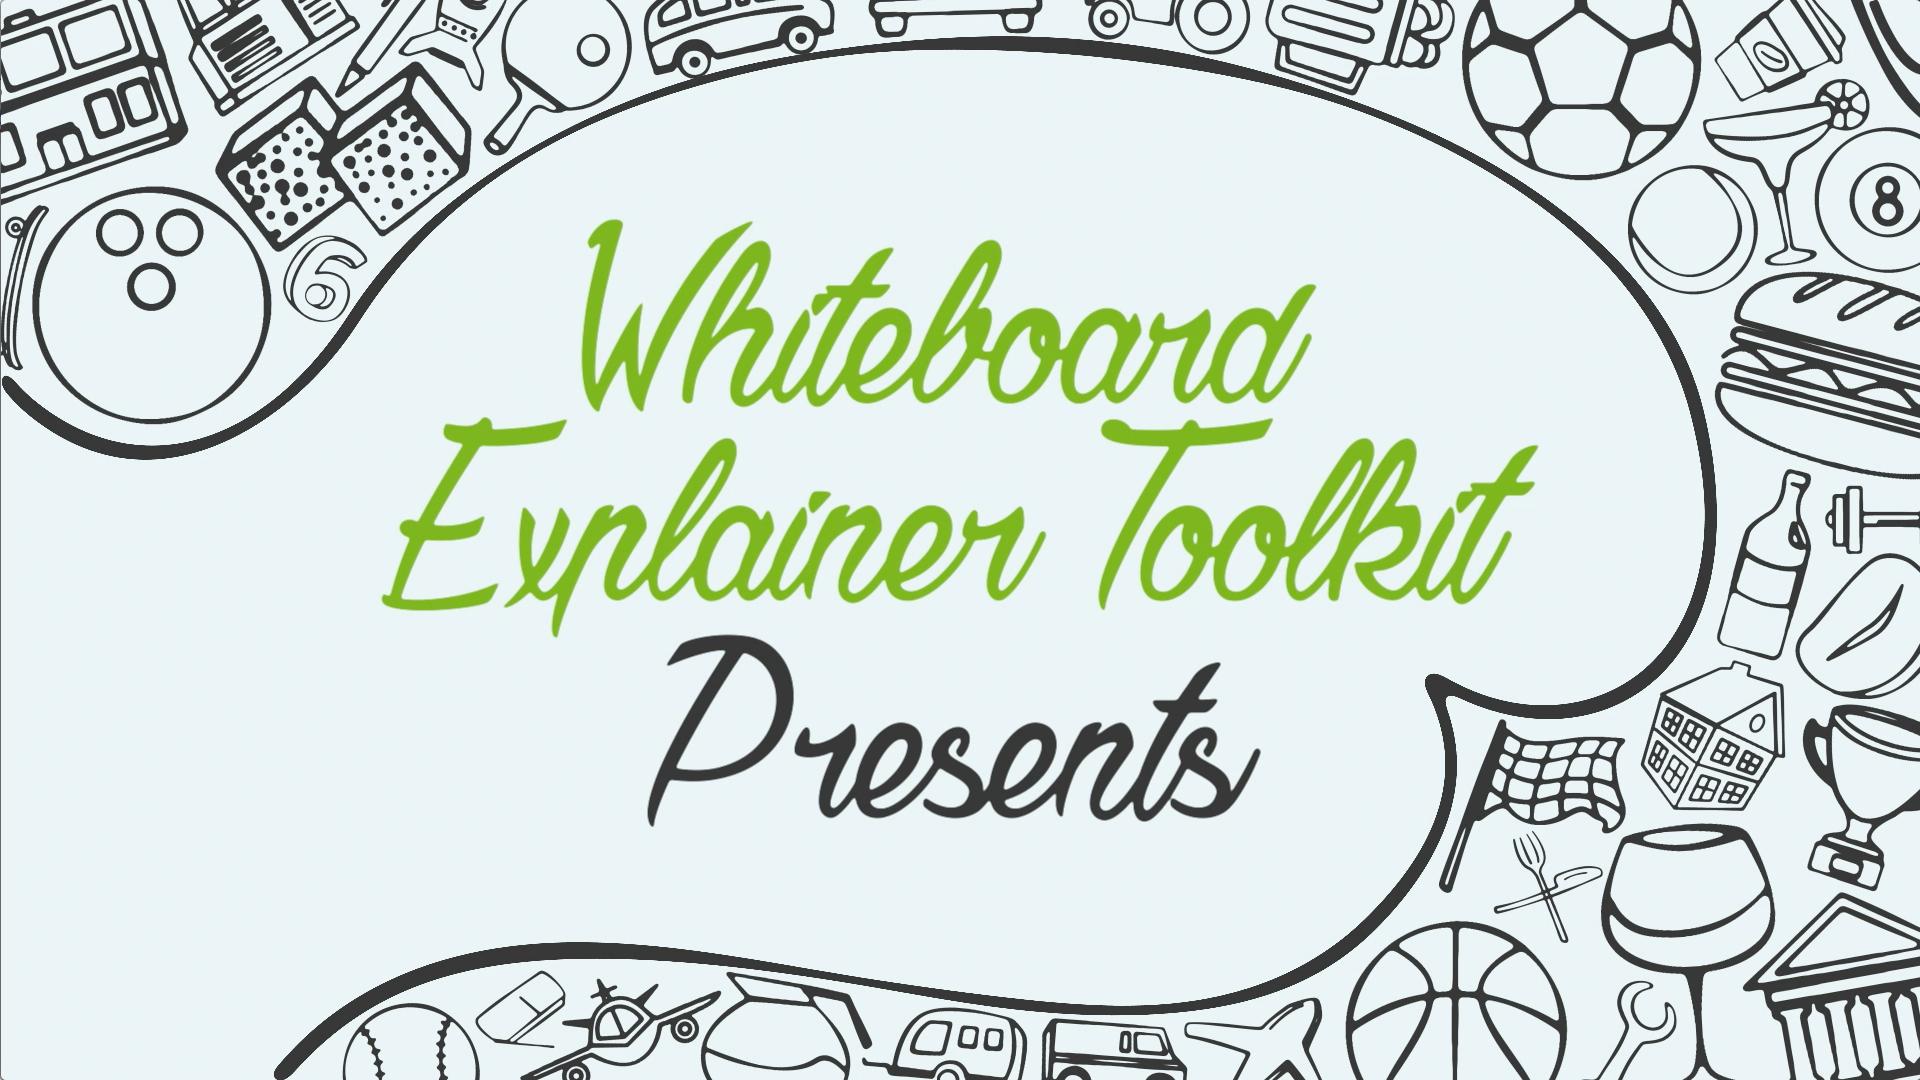 Whiteboard_Explainer_Toolkit_01